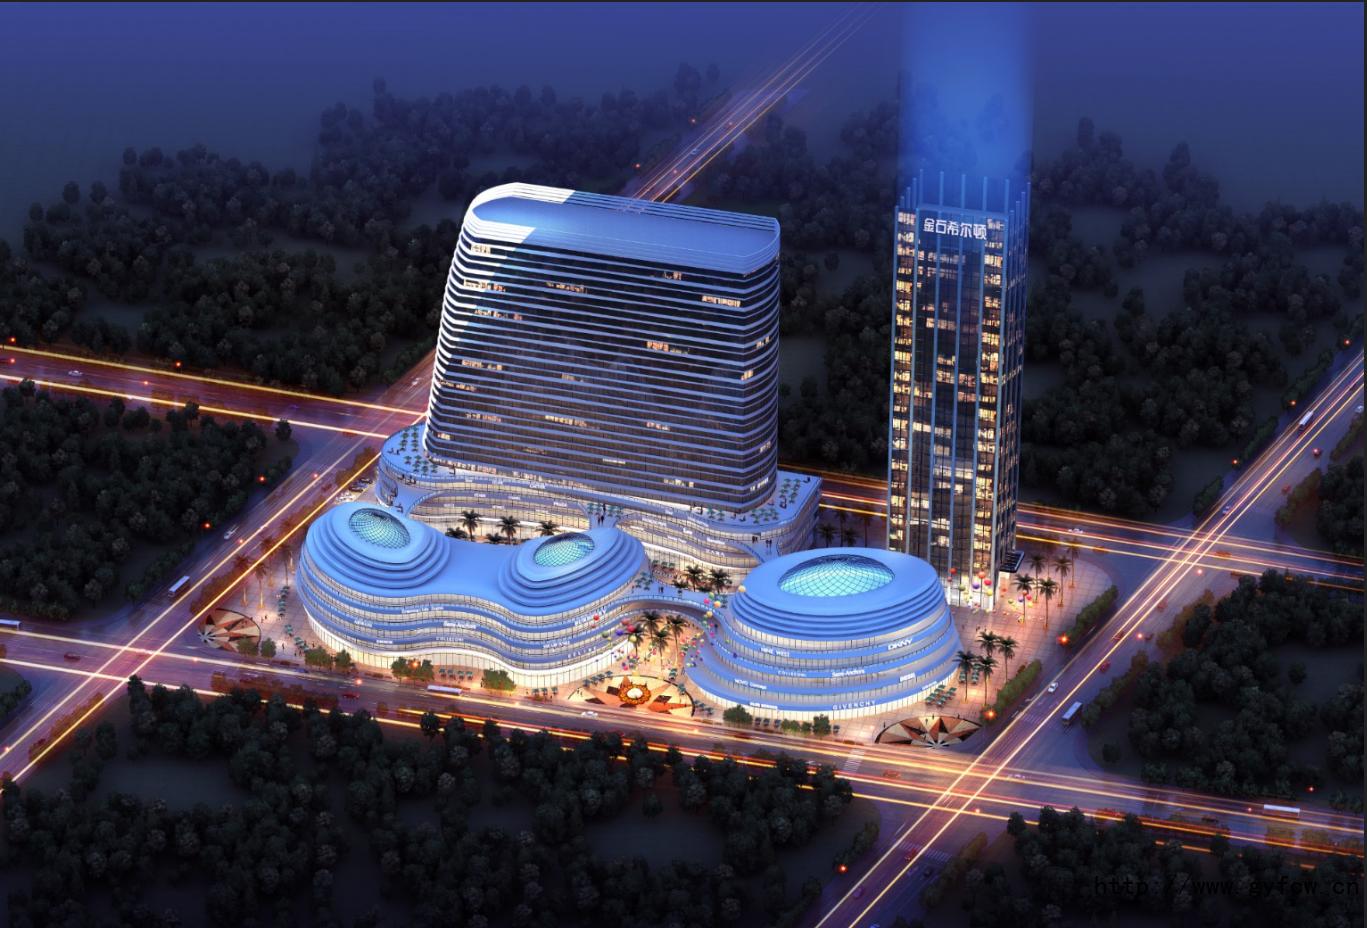 首付3.8万起买贵安新区高铁站旁酒店式公寓,送精装修!